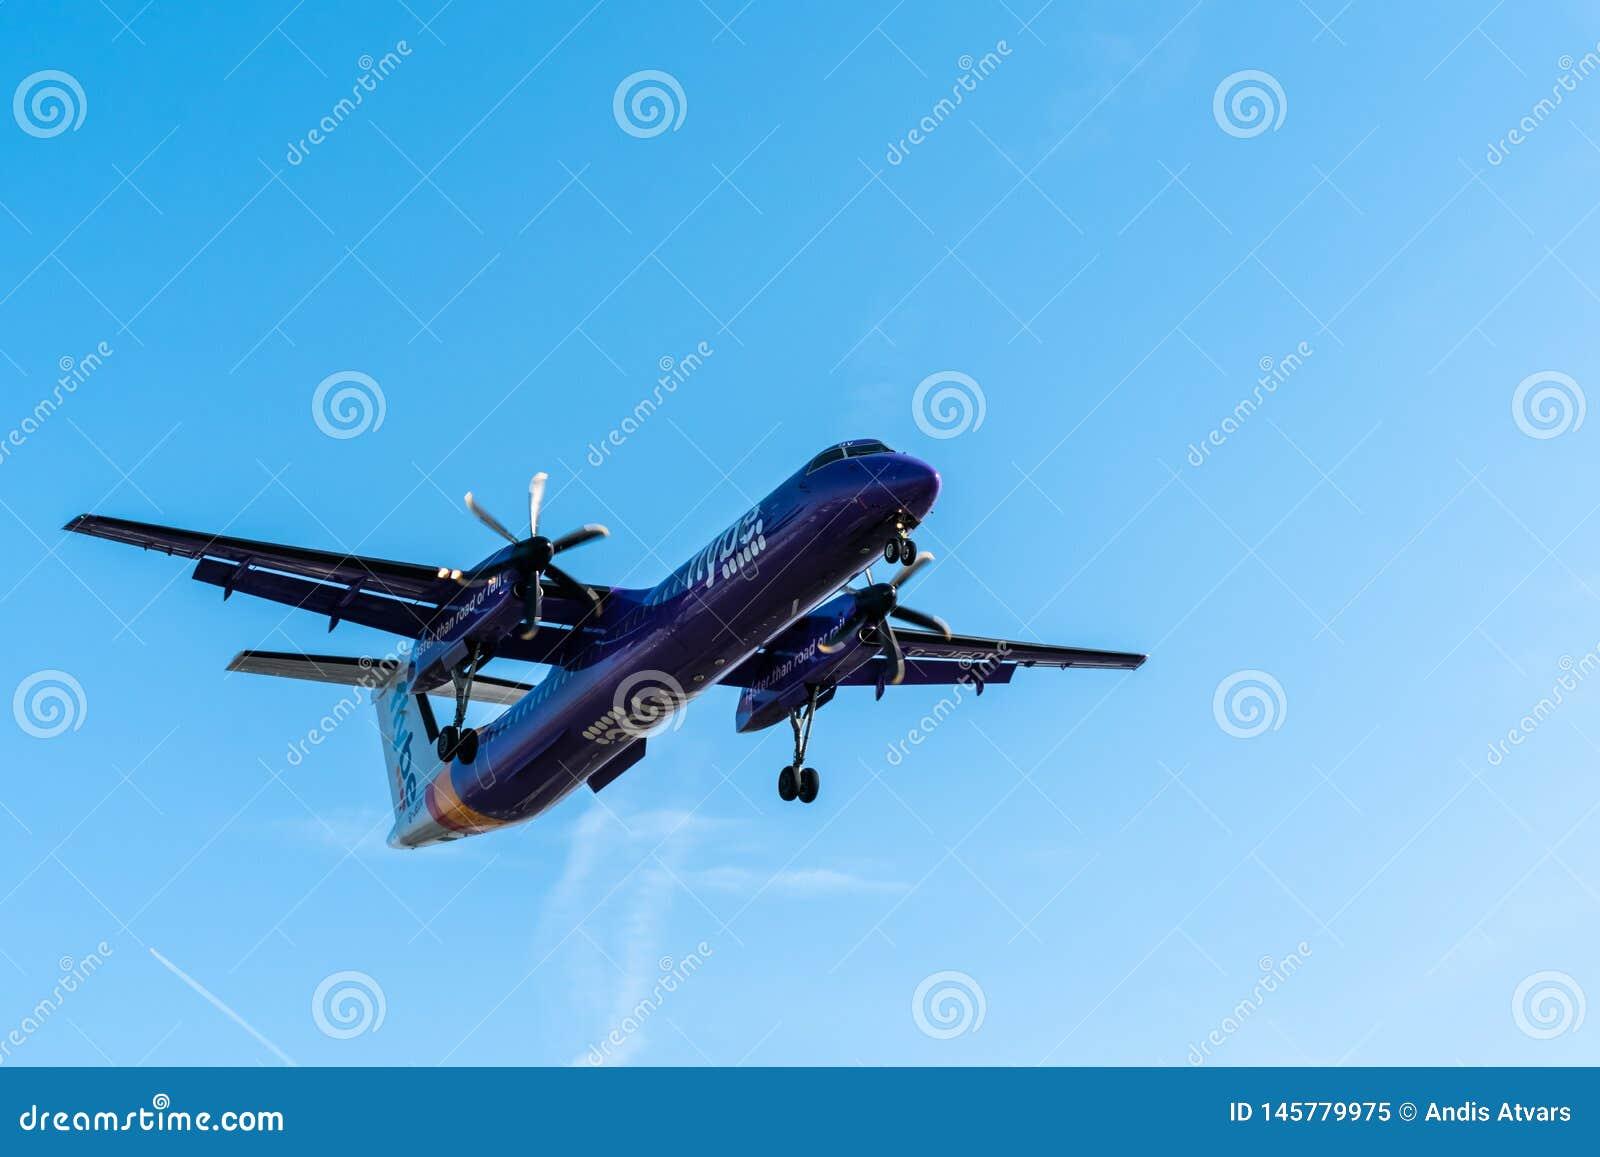 Лондон, Великобритания - 17, февраль 2019: Flybe великобританская региональная авиакомпания основанная в Англии, типе самолета De